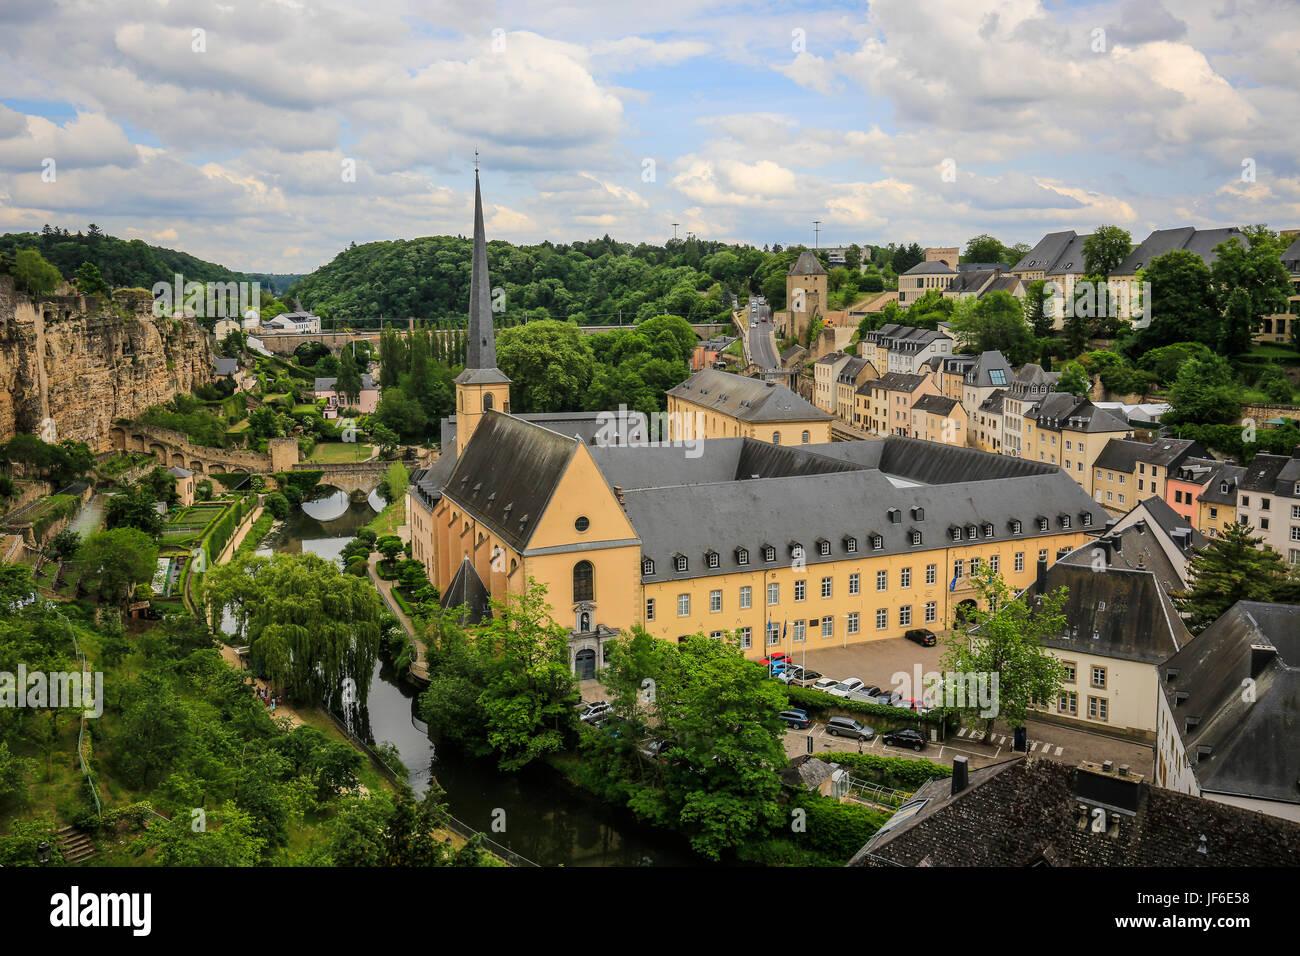 Abtei Neum?nster in der unteren Stadt Grund, Luxemburg-Stadt, Großherzogtum Luxemburg, Europa, Abtei Neum?nster Stockbild